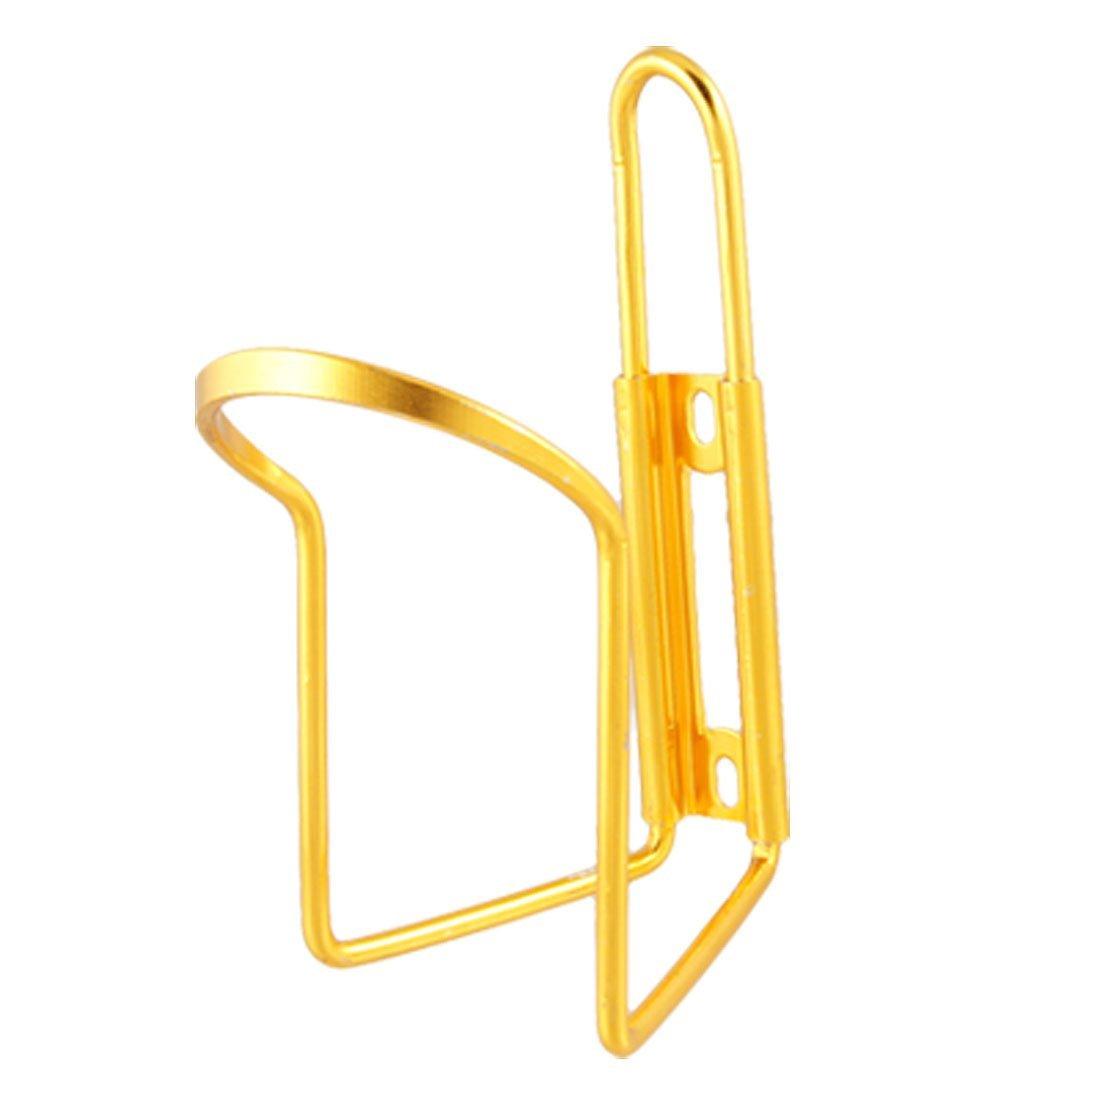 Tono de Oro de Como titular de la botella plateada aleación de aluminio de soporte para la bicicleta de la bici